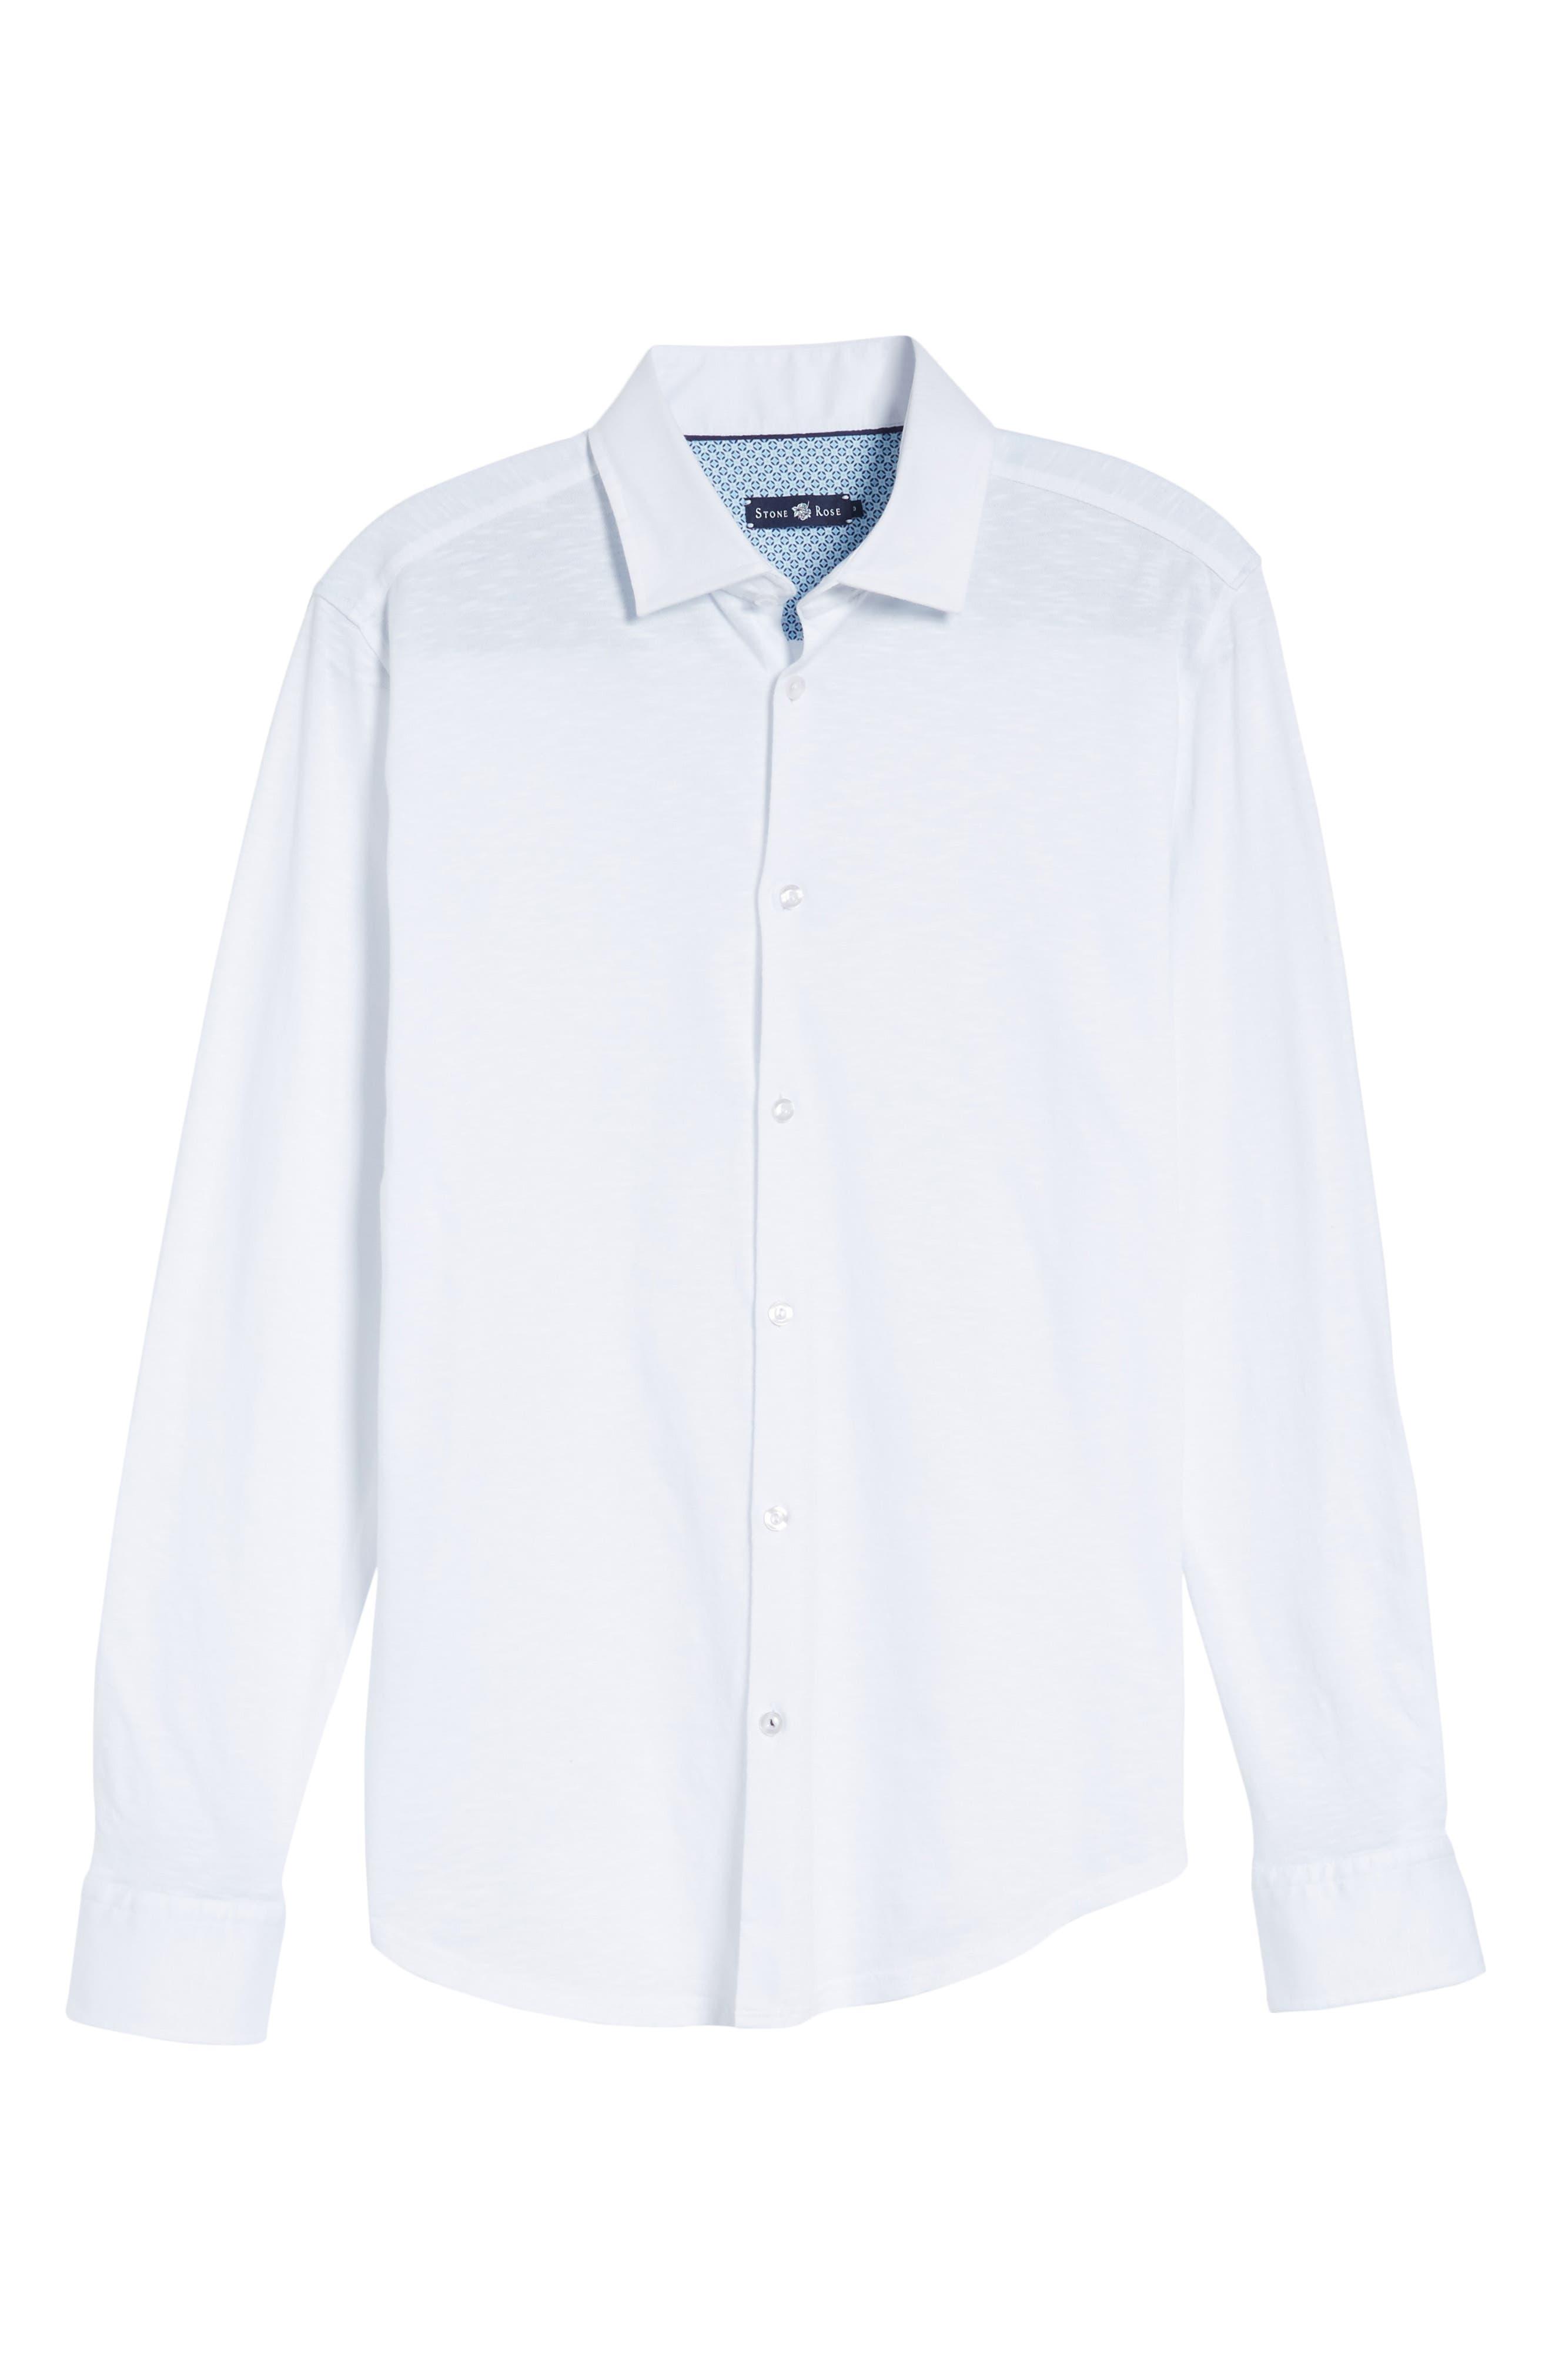 Slub Knit Sport Shirt,                             Alternate thumbnail 6, color,                             White